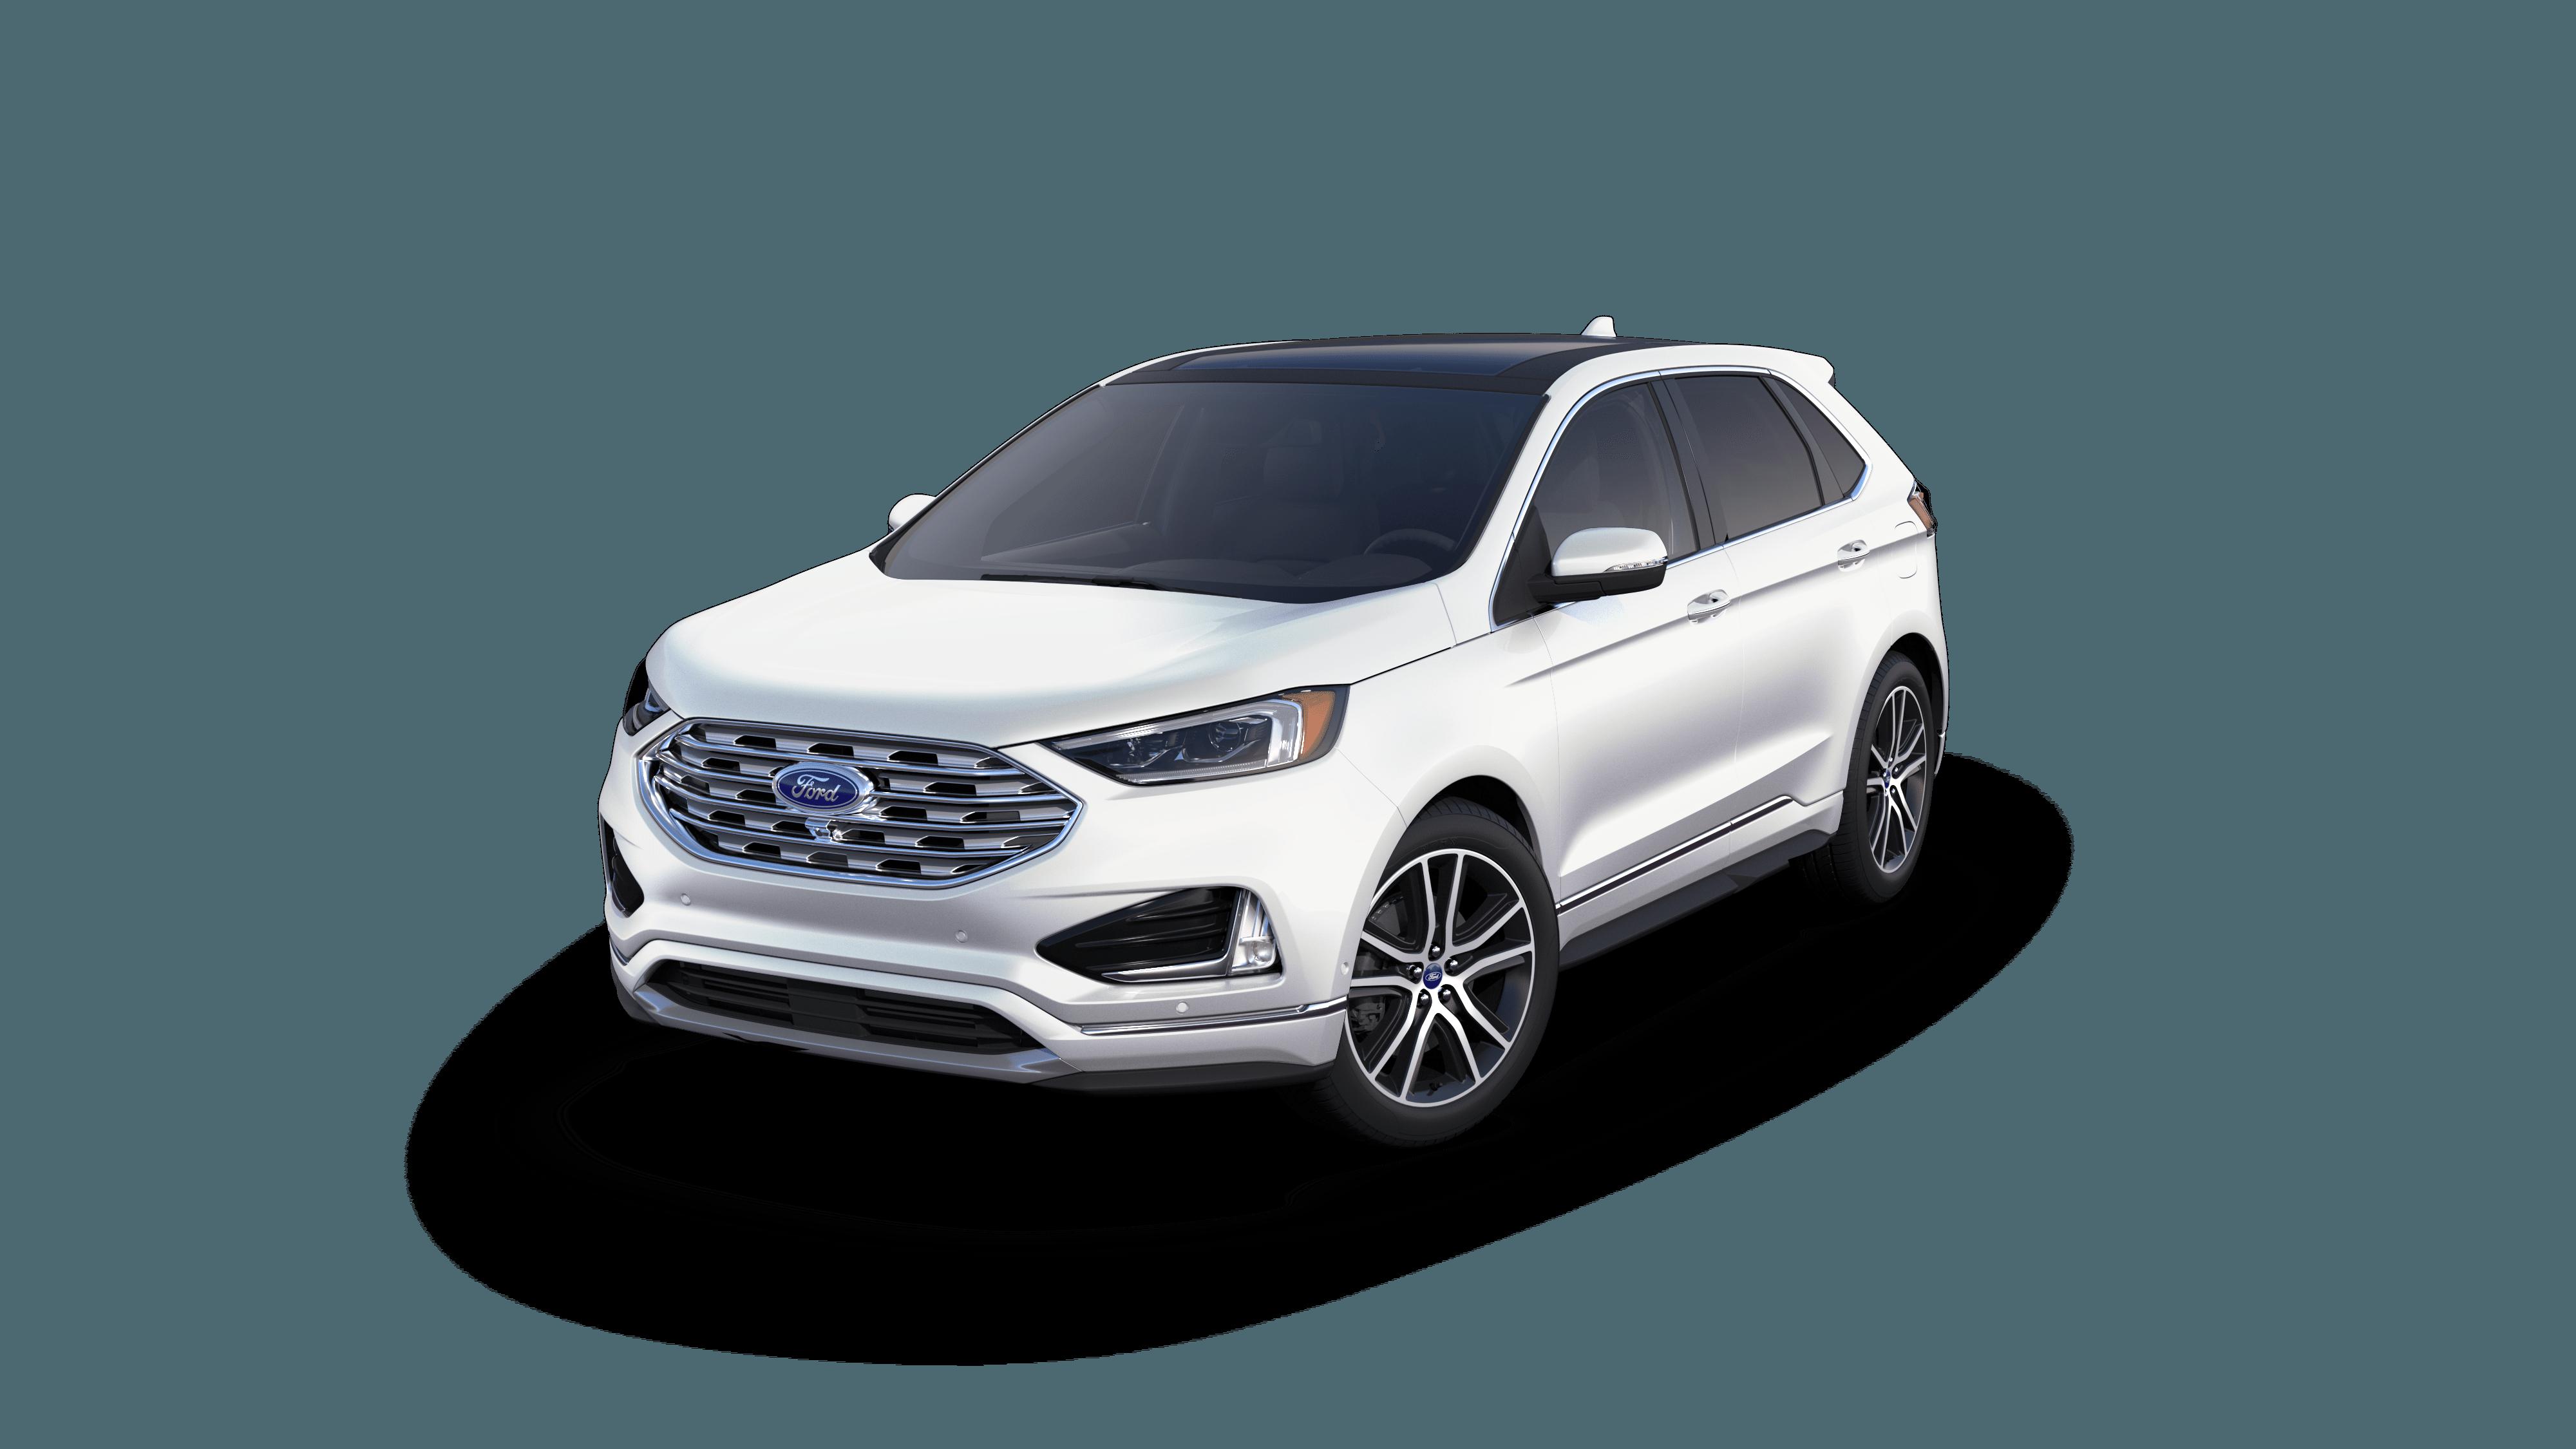 2019 Ford Edge for sale in Eunice - 2FMPK3K95KBB31251